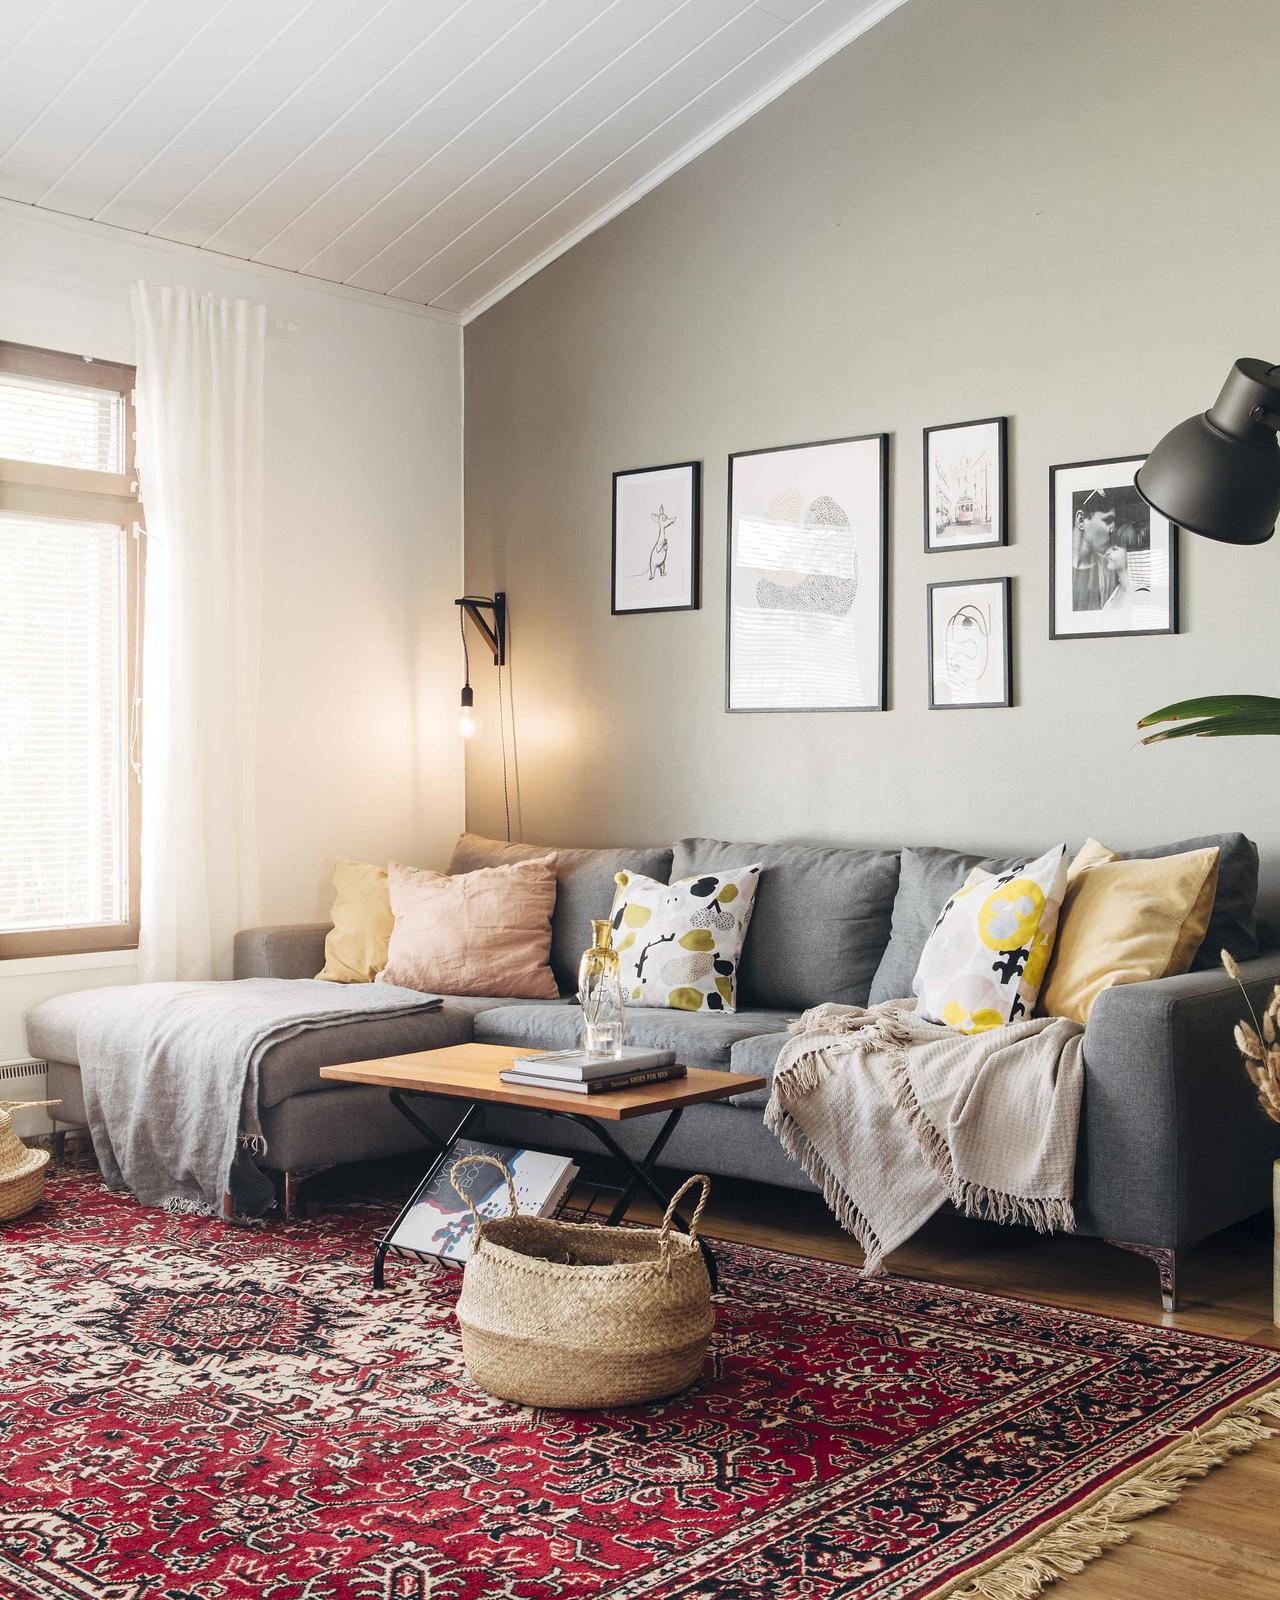 Boheemi olohuone, jossa on punainen persialainen matto ja harmaa sohva.